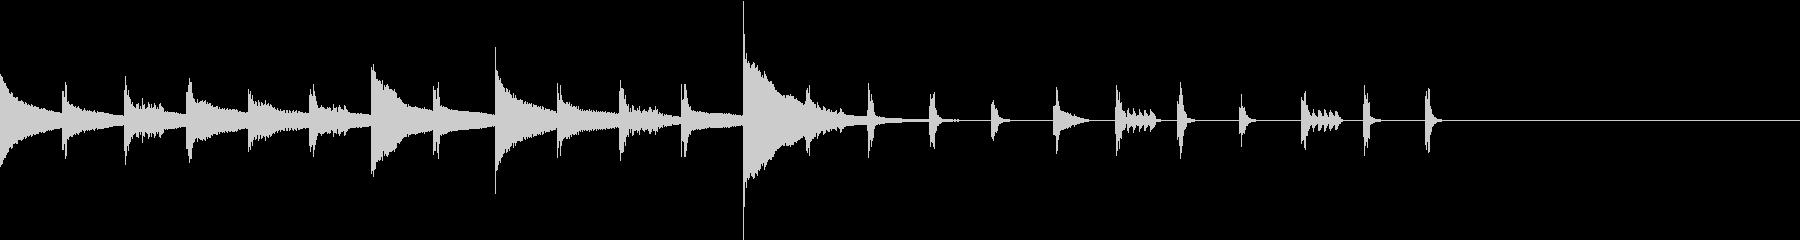 東南アジア ビブラフォンの未再生の波形